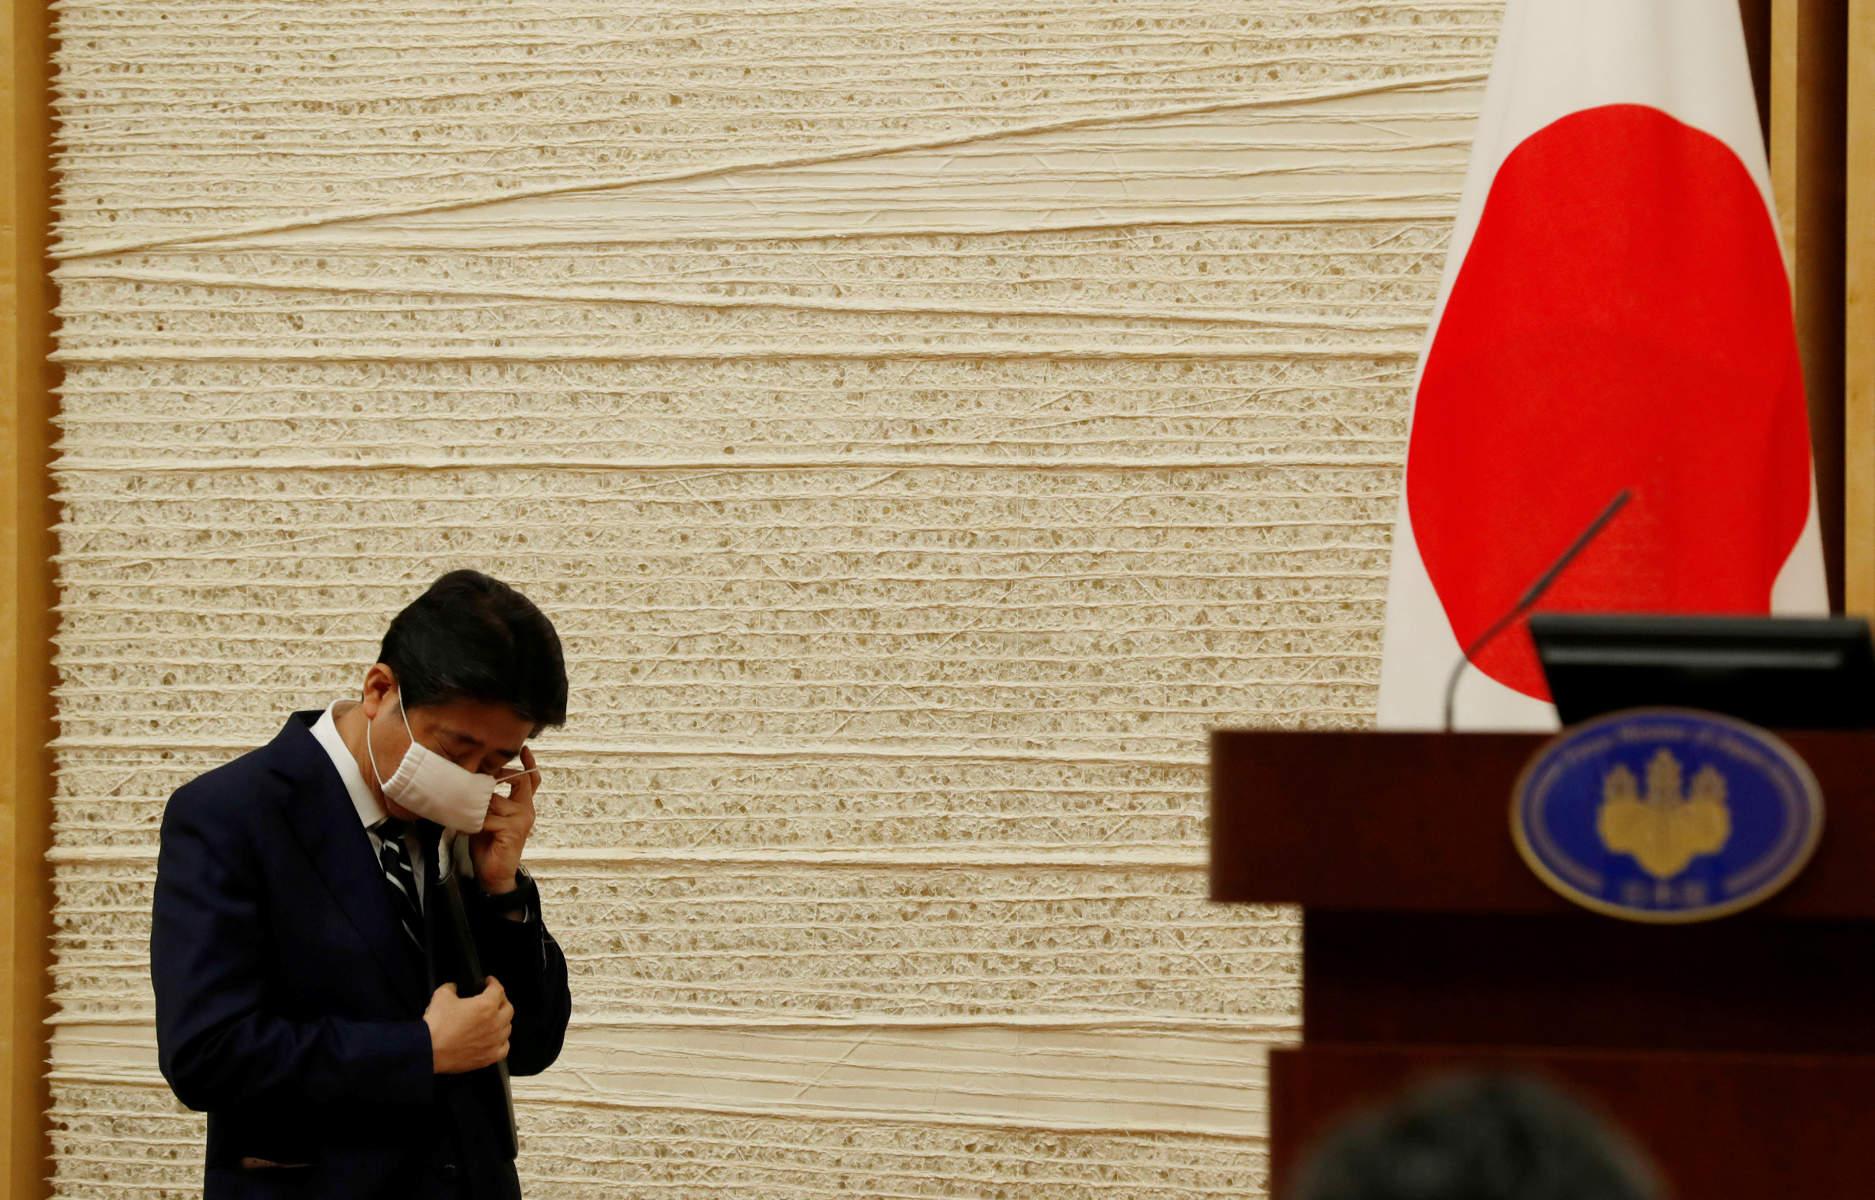 Το Τόκιο «ανησυχεί σοβαρά» για το νομοσχέδιο του Χονγκ Κονγκ